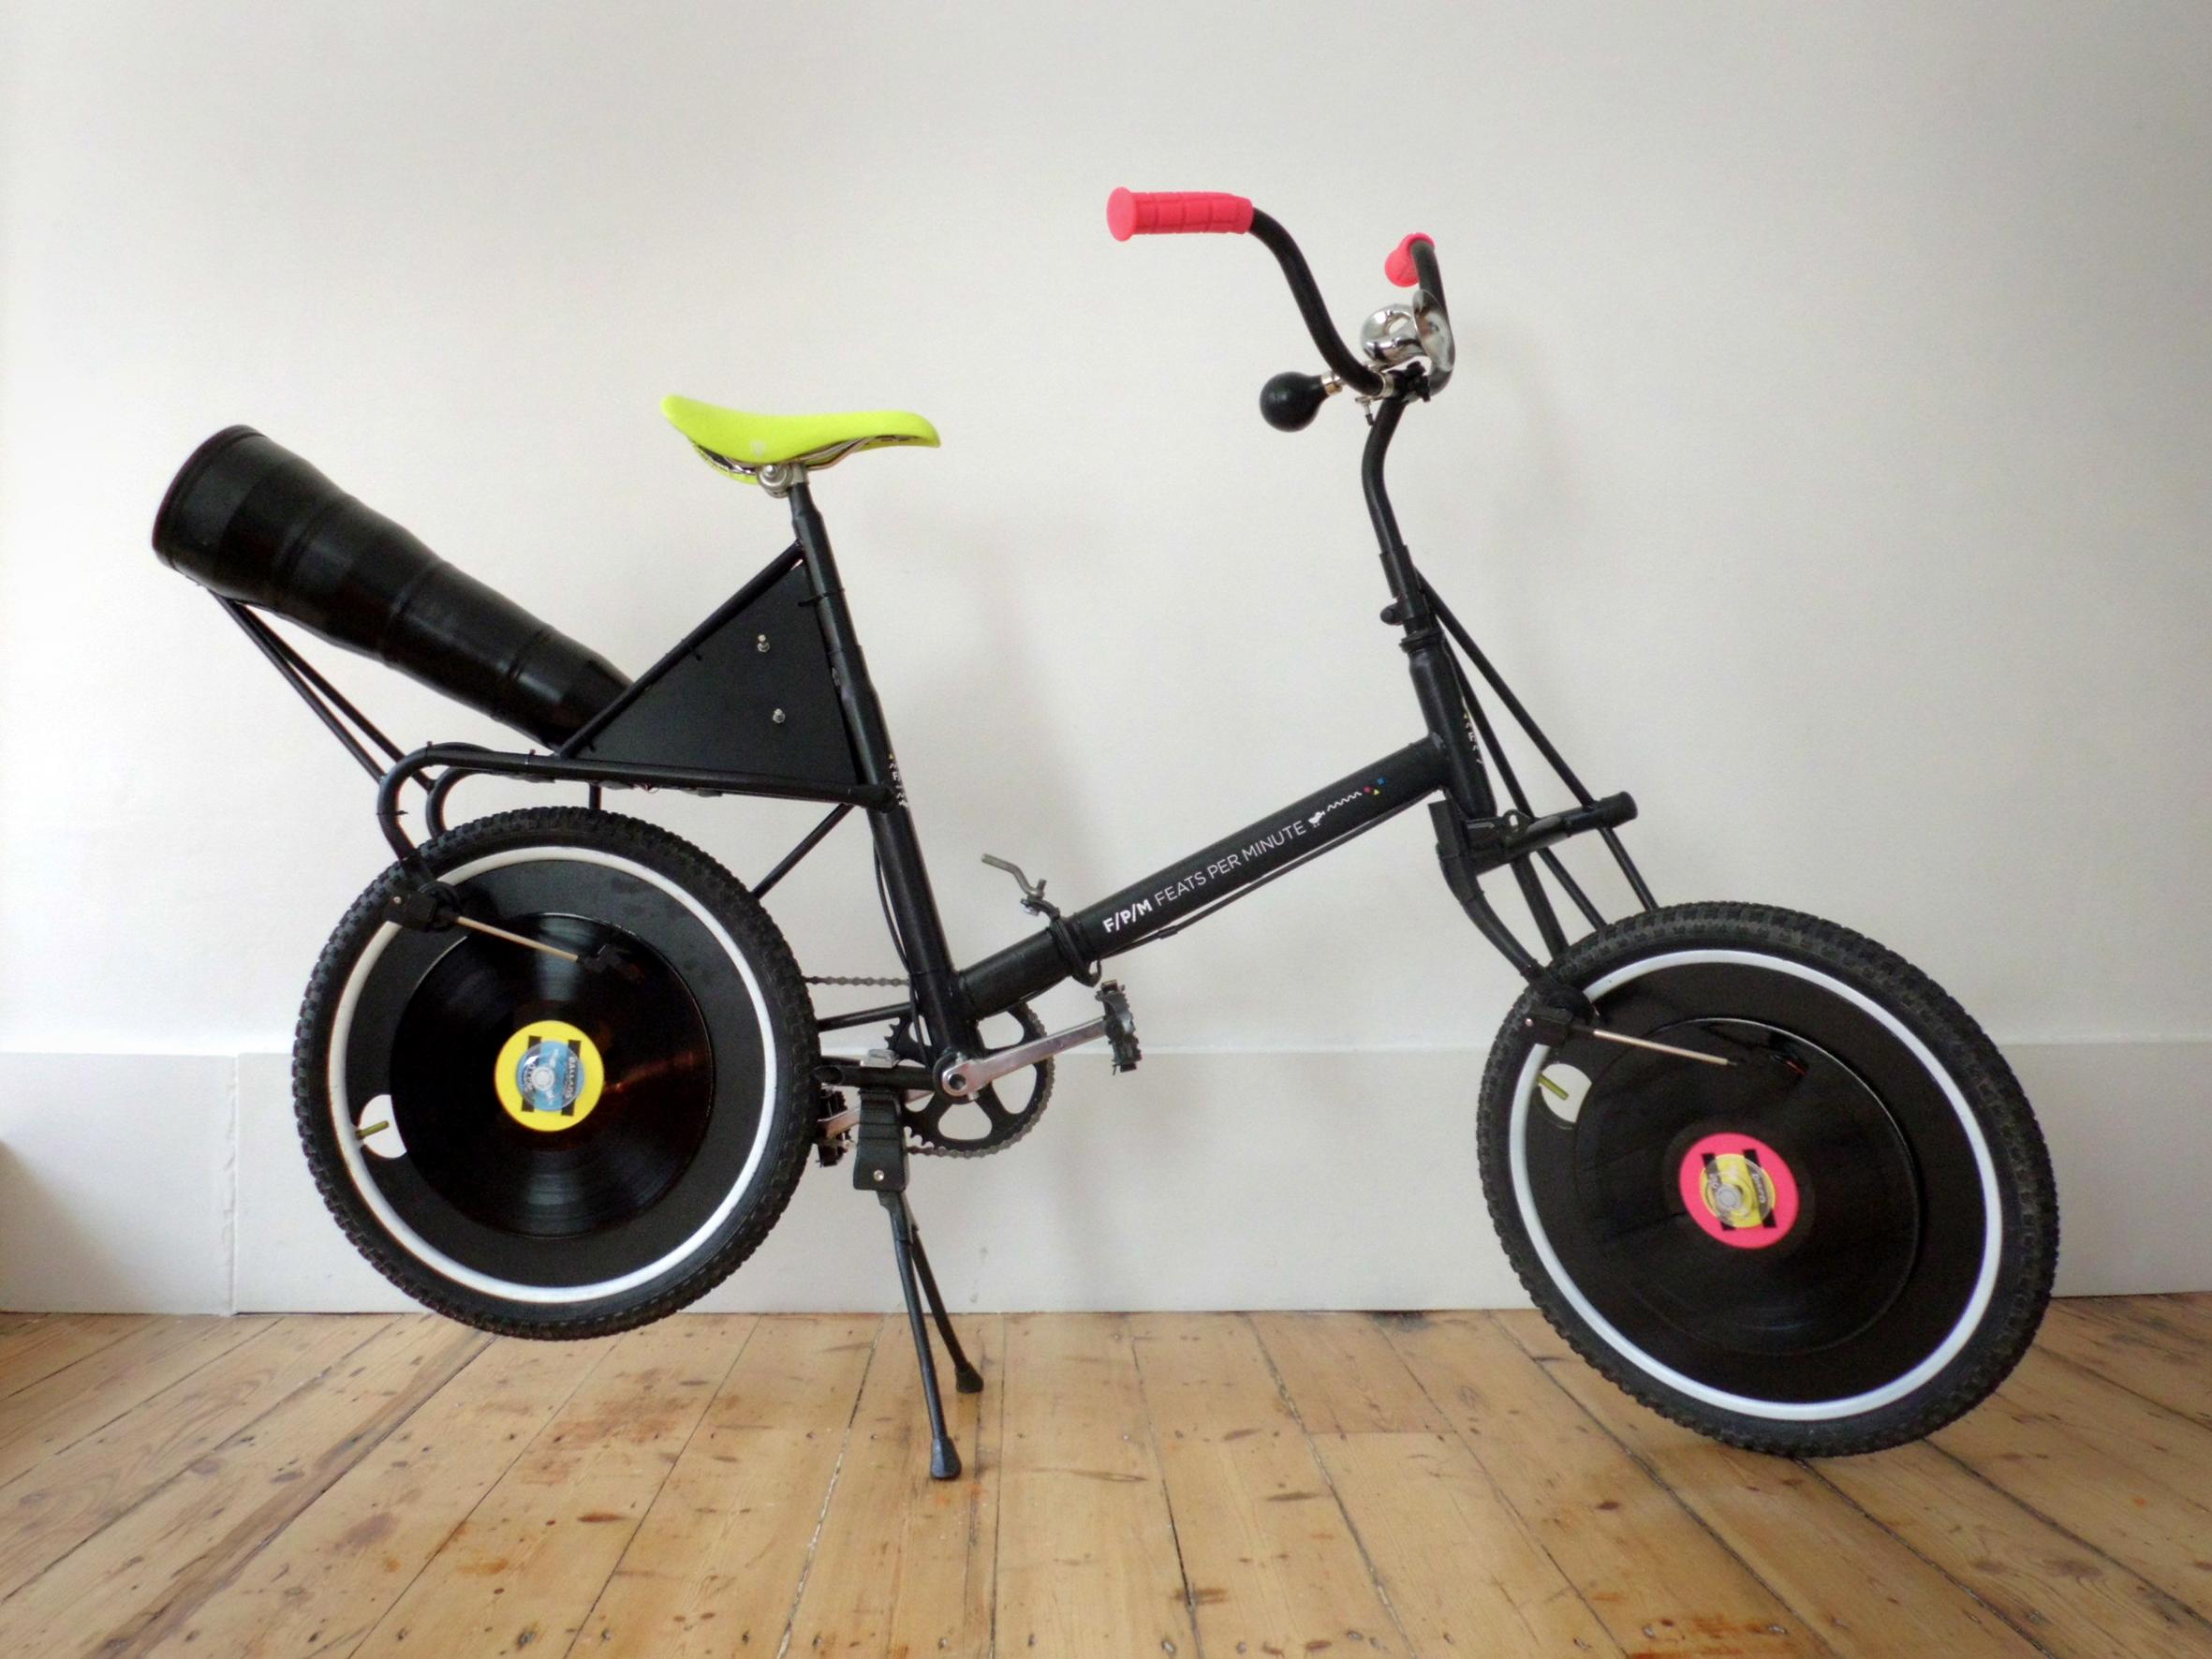 Feats Per Minute, a bicicleta vitrola. Foto: Divulgacao